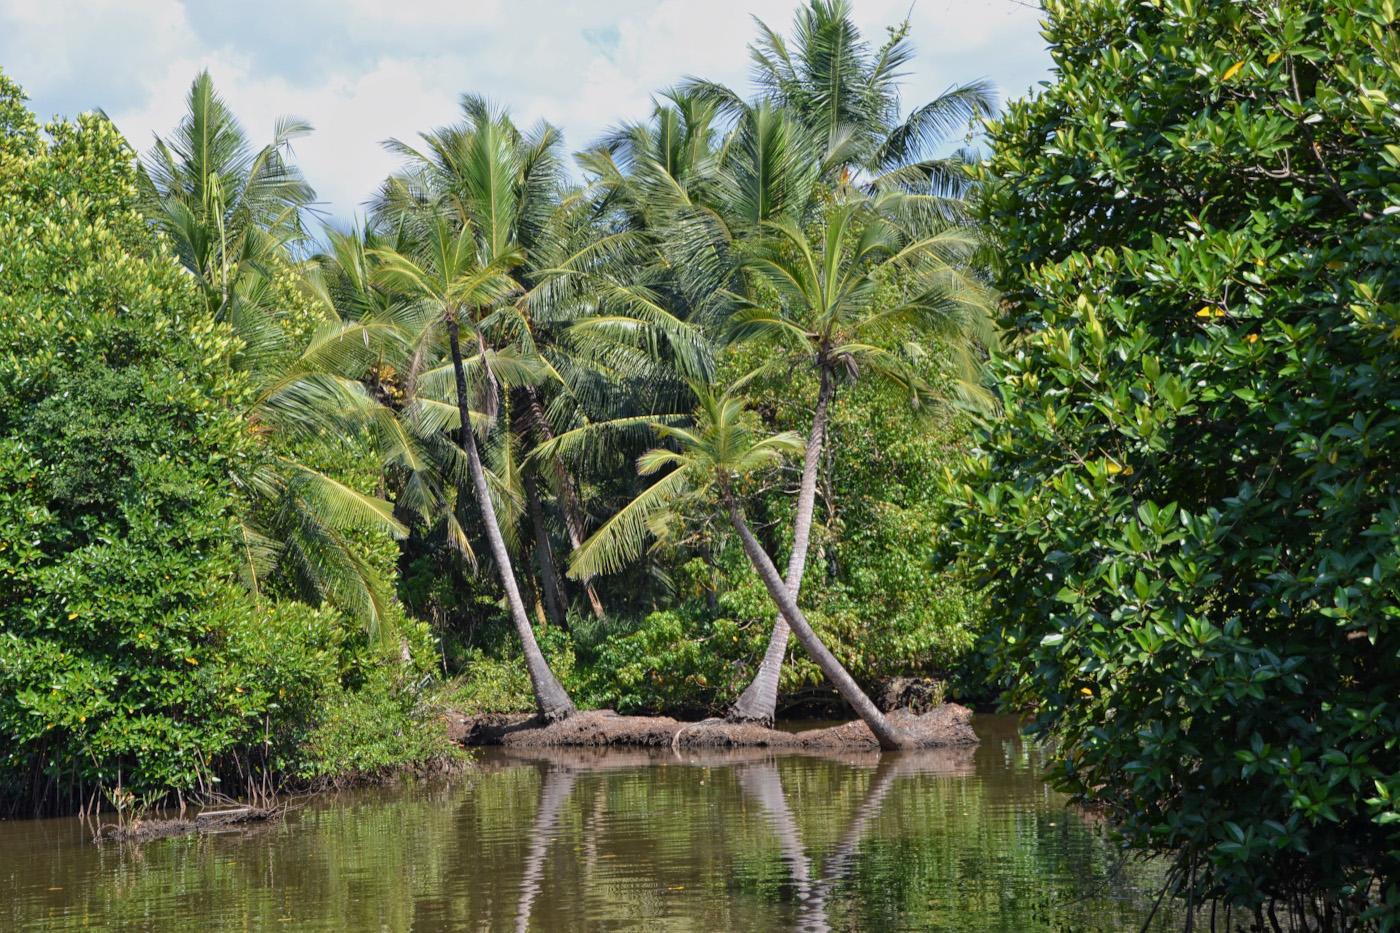 Фото 1. Пальмы на Шри-Ланке. Параметры съемки: В=1/200 сек., f/7.1, ISO 100, ФР=55 мм.